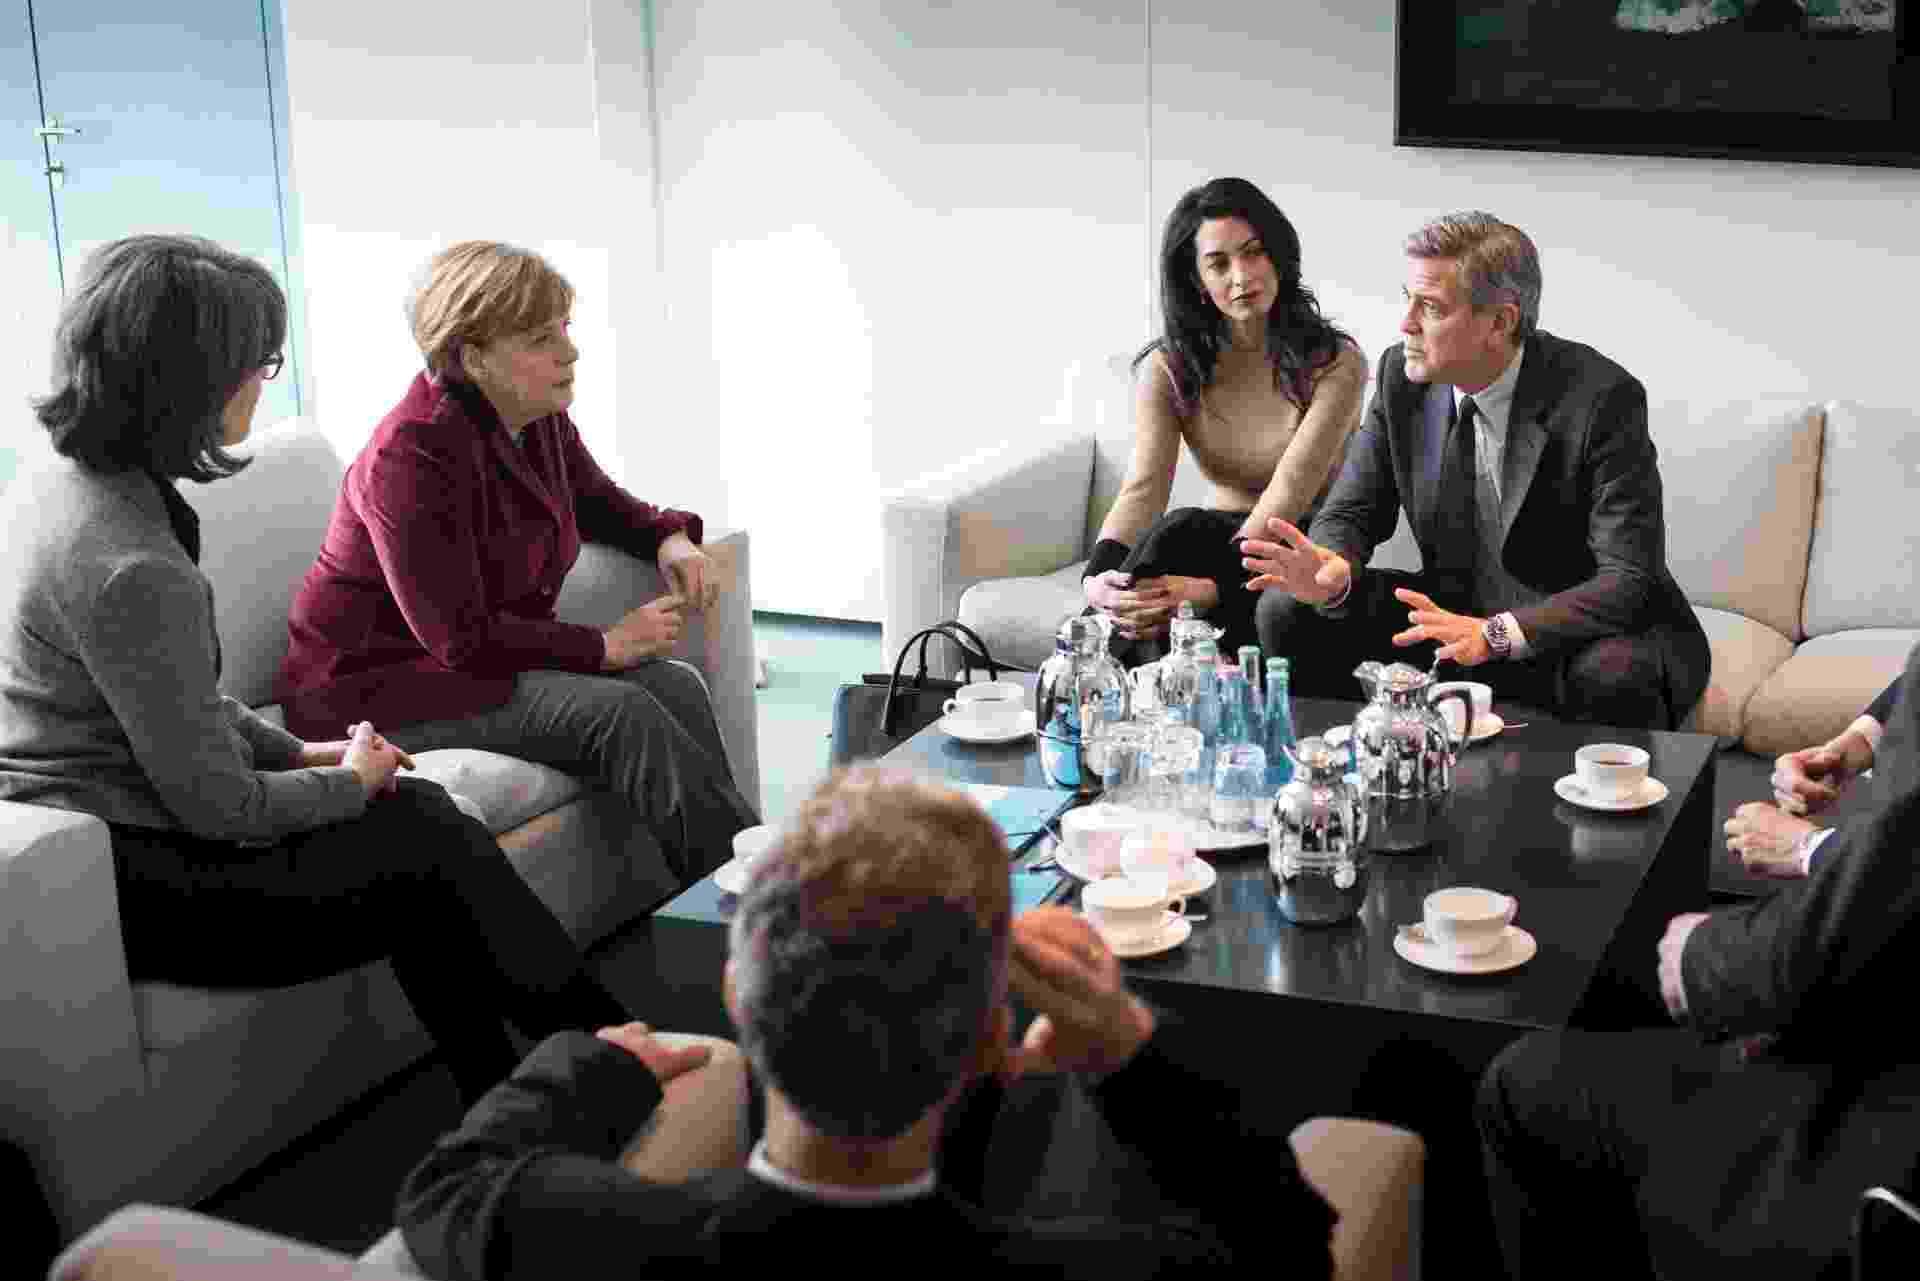 12.fev.2016 - George Clooney aproveita a participação no Festival de Berlim para discutir a crise dos refugiados com a chanceler alemã Angela Merkel. Amal Alamuddin, mulher de Clooney e advogada de direitos humanos, também participou do encontro. - Guido Bergmann/Bundesregierung via Getty Images